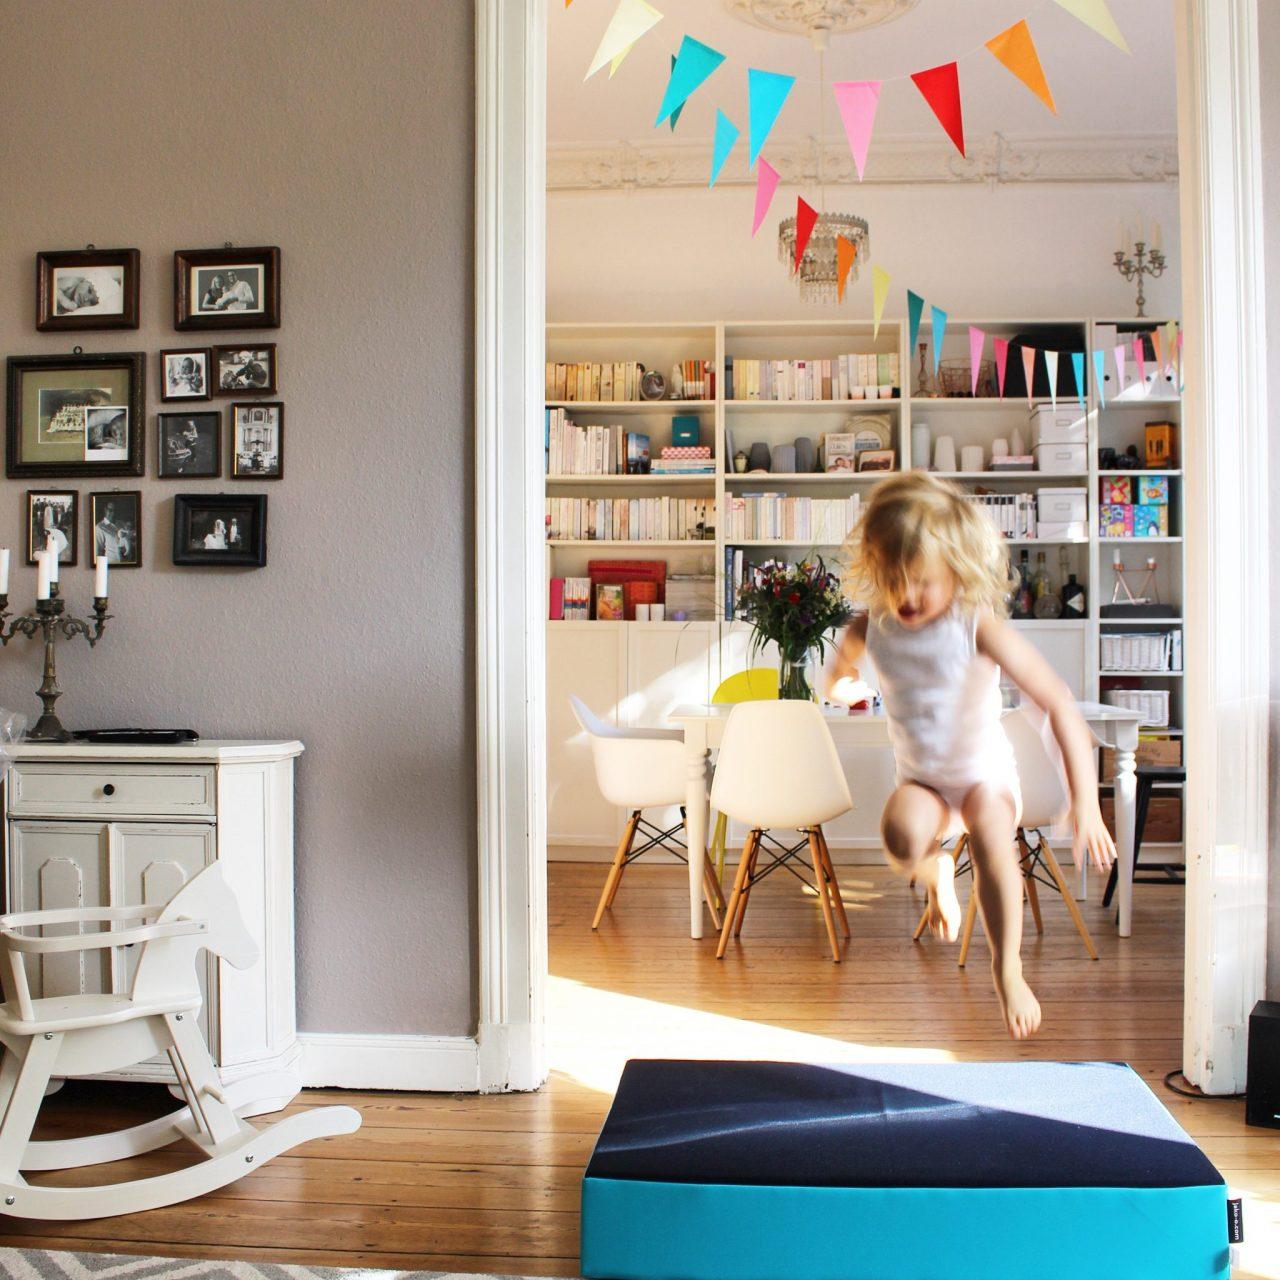 ber tische und b nke wie toben in der bude richtig spass macht sarahplusdrei. Black Bedroom Furniture Sets. Home Design Ideas